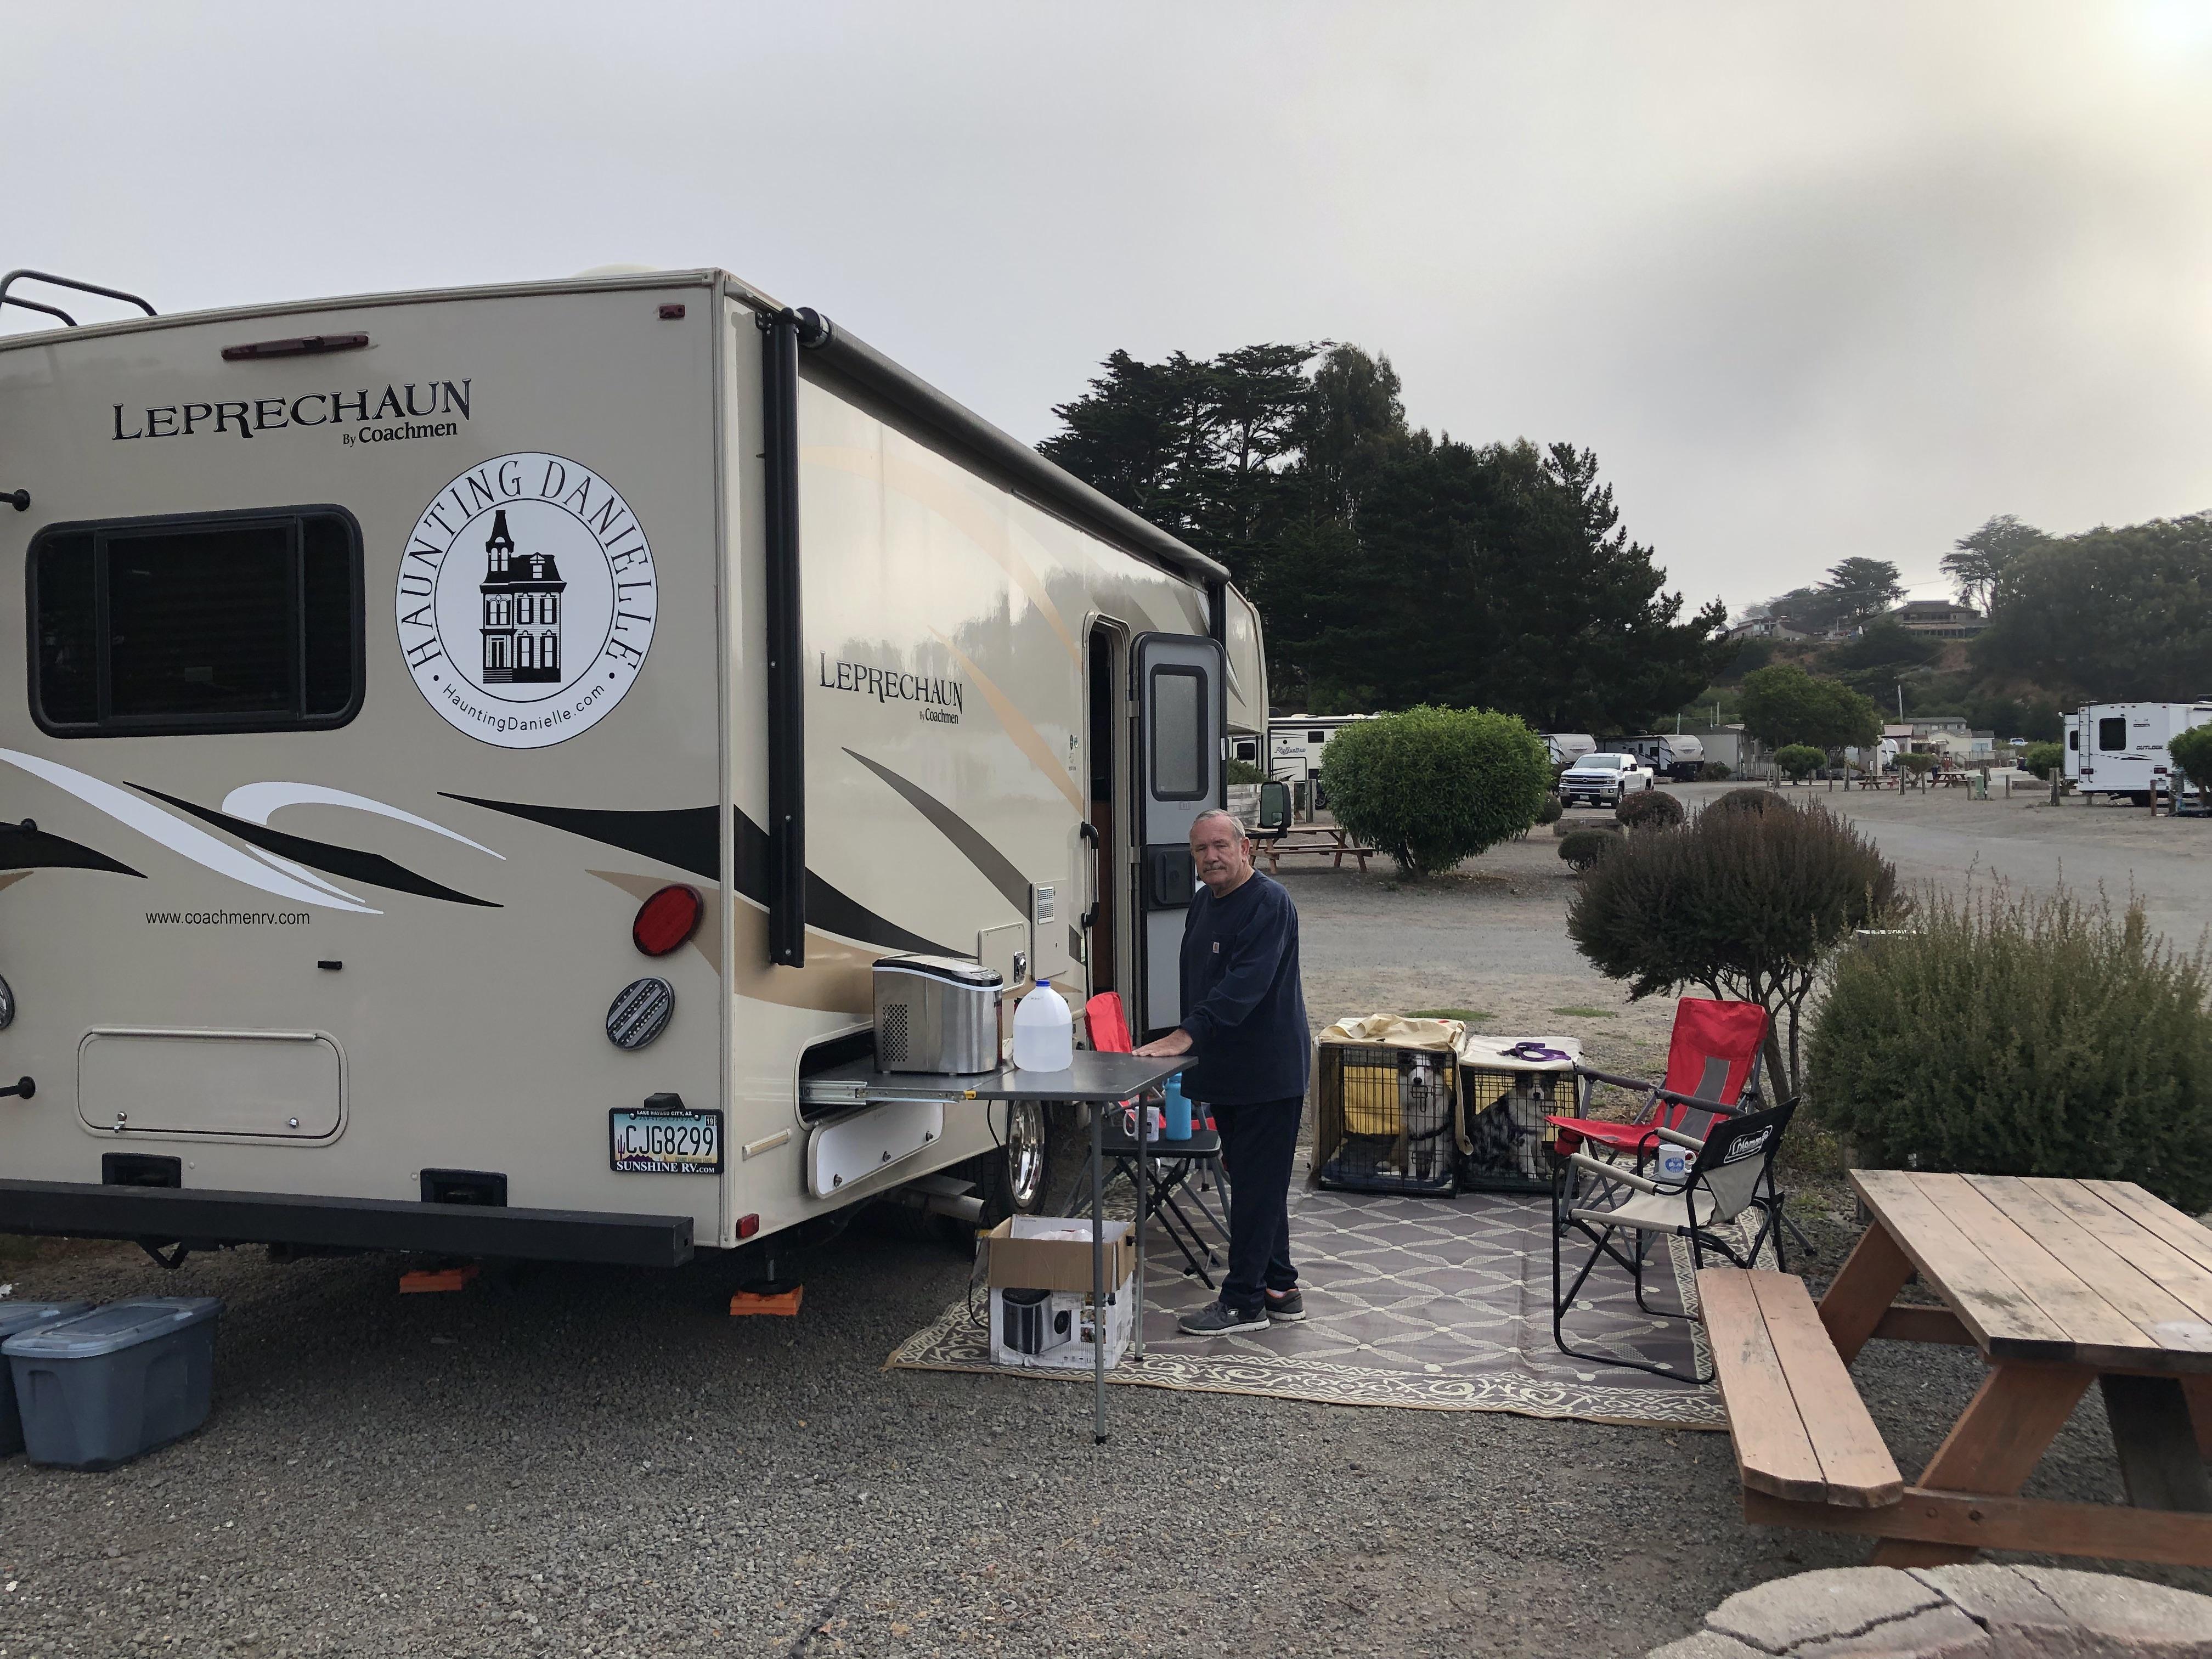 Bodega Bay Campsite